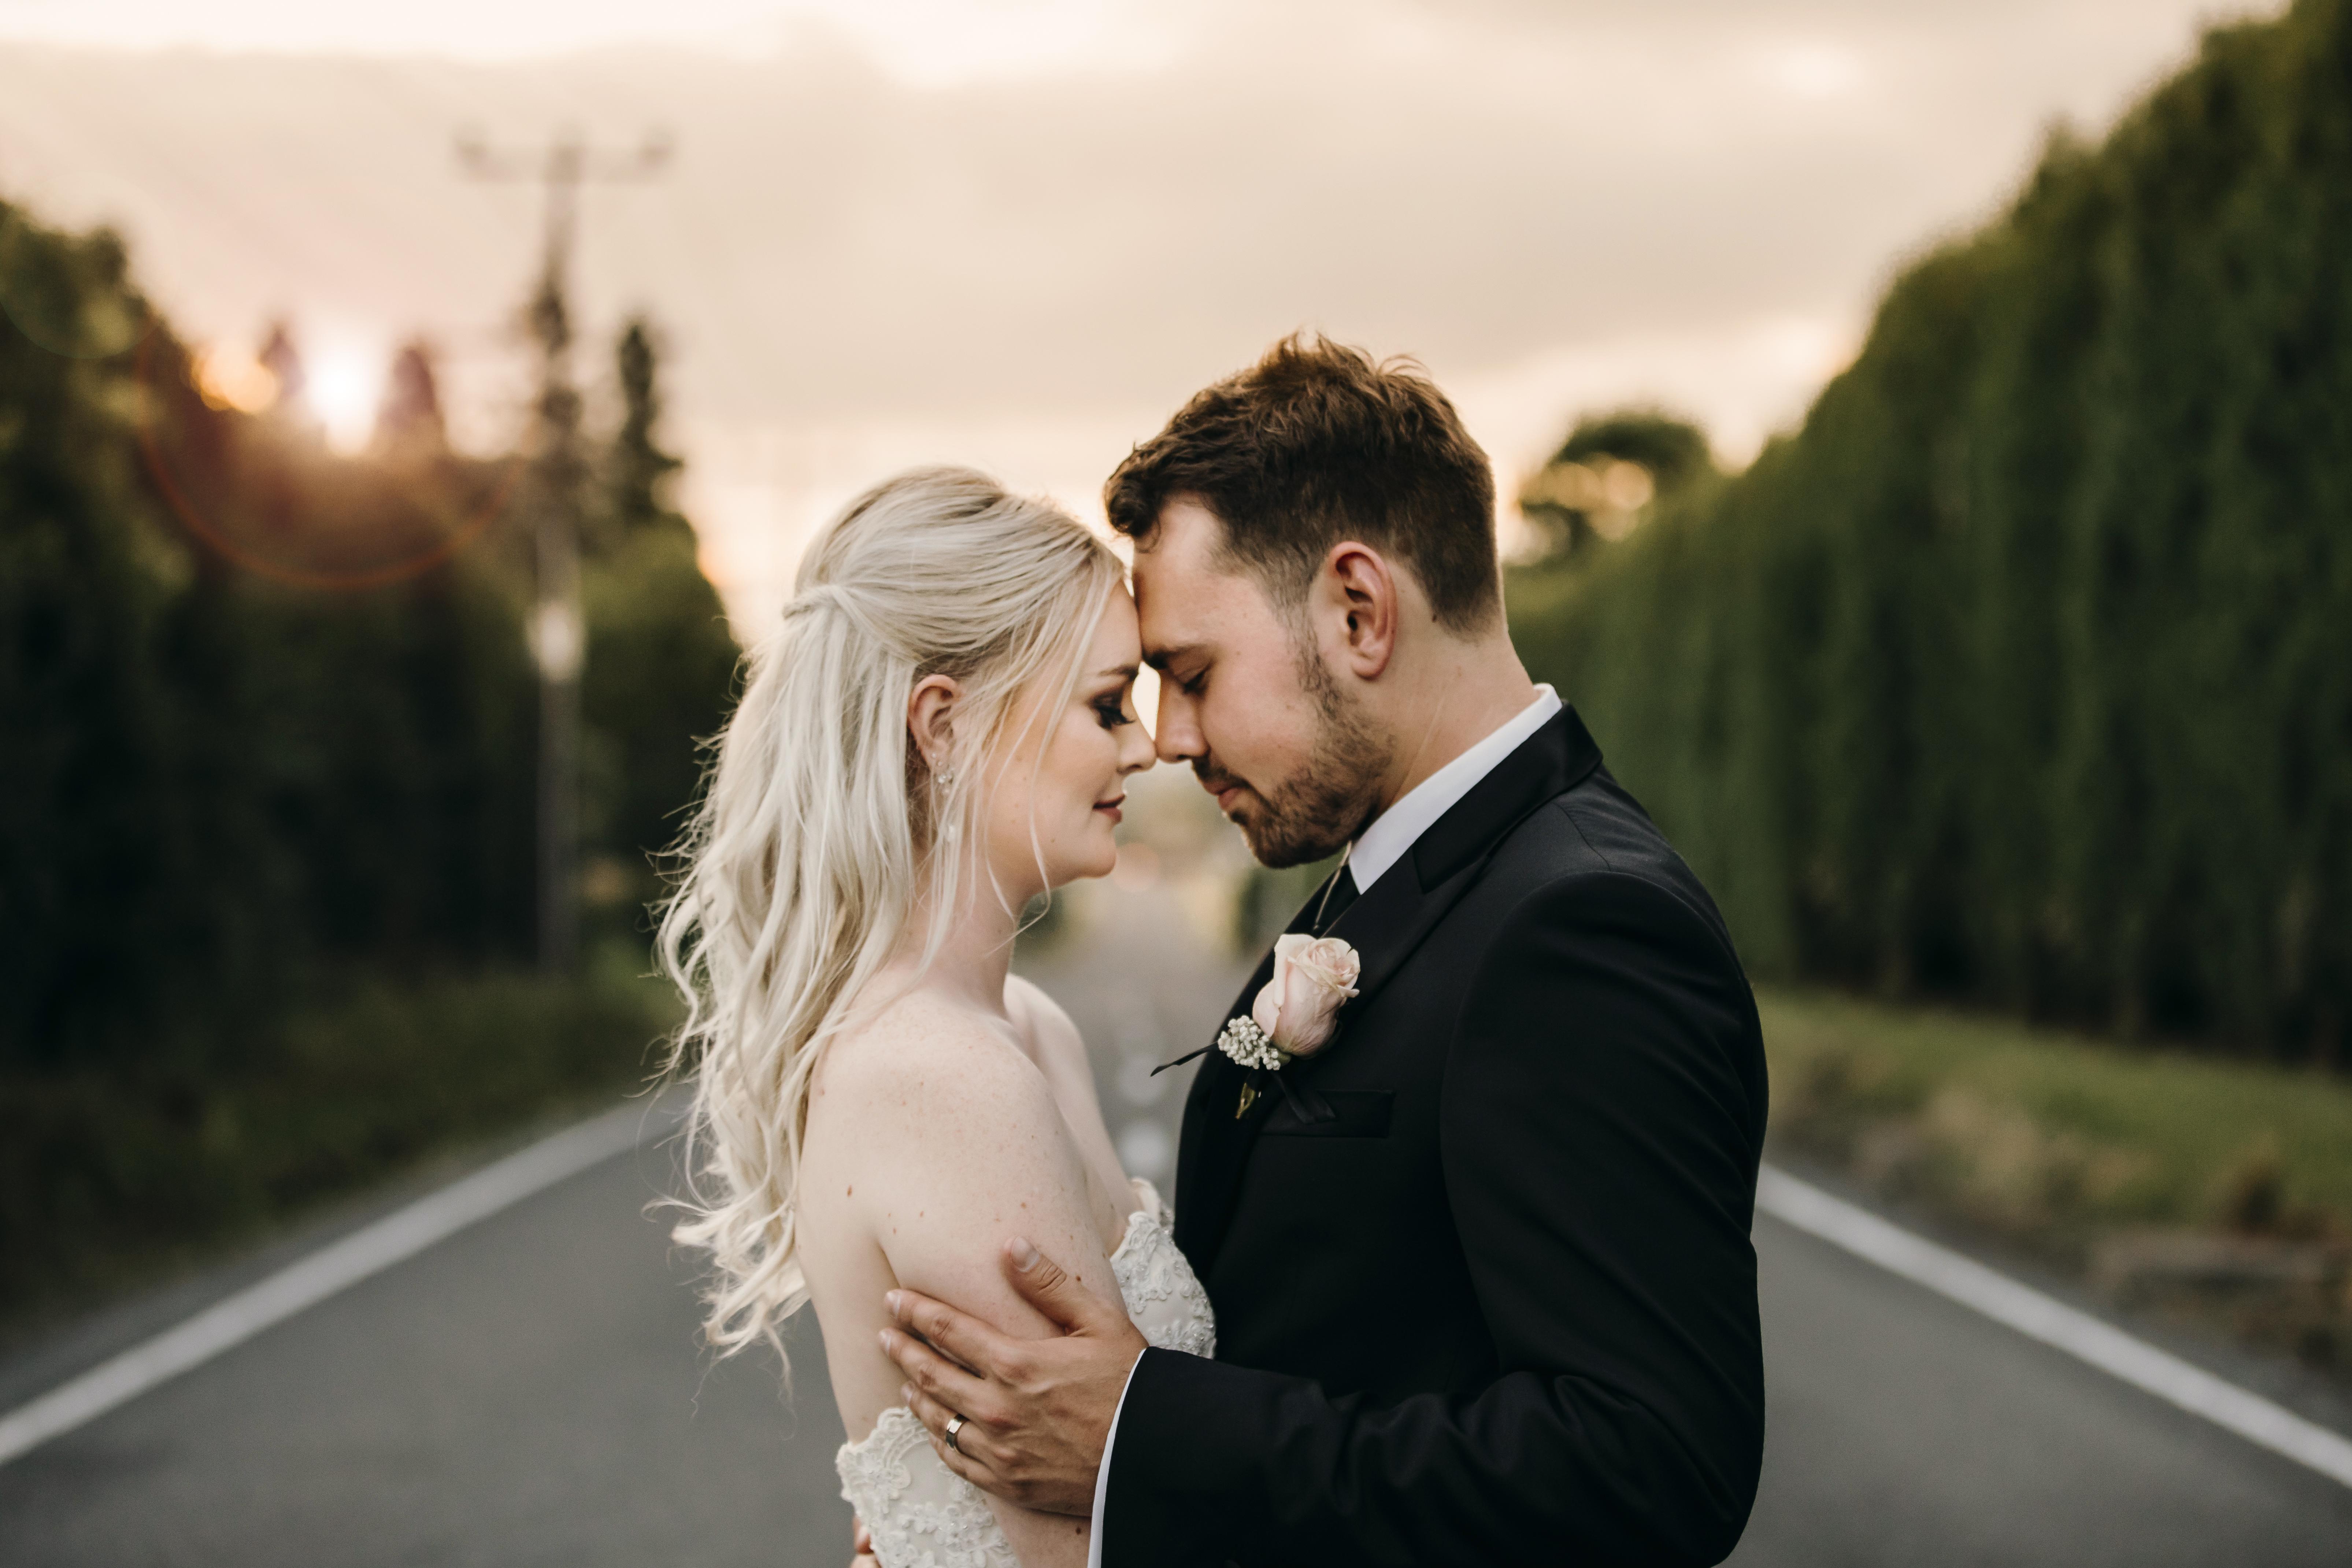 Wedding Photography | Markovina